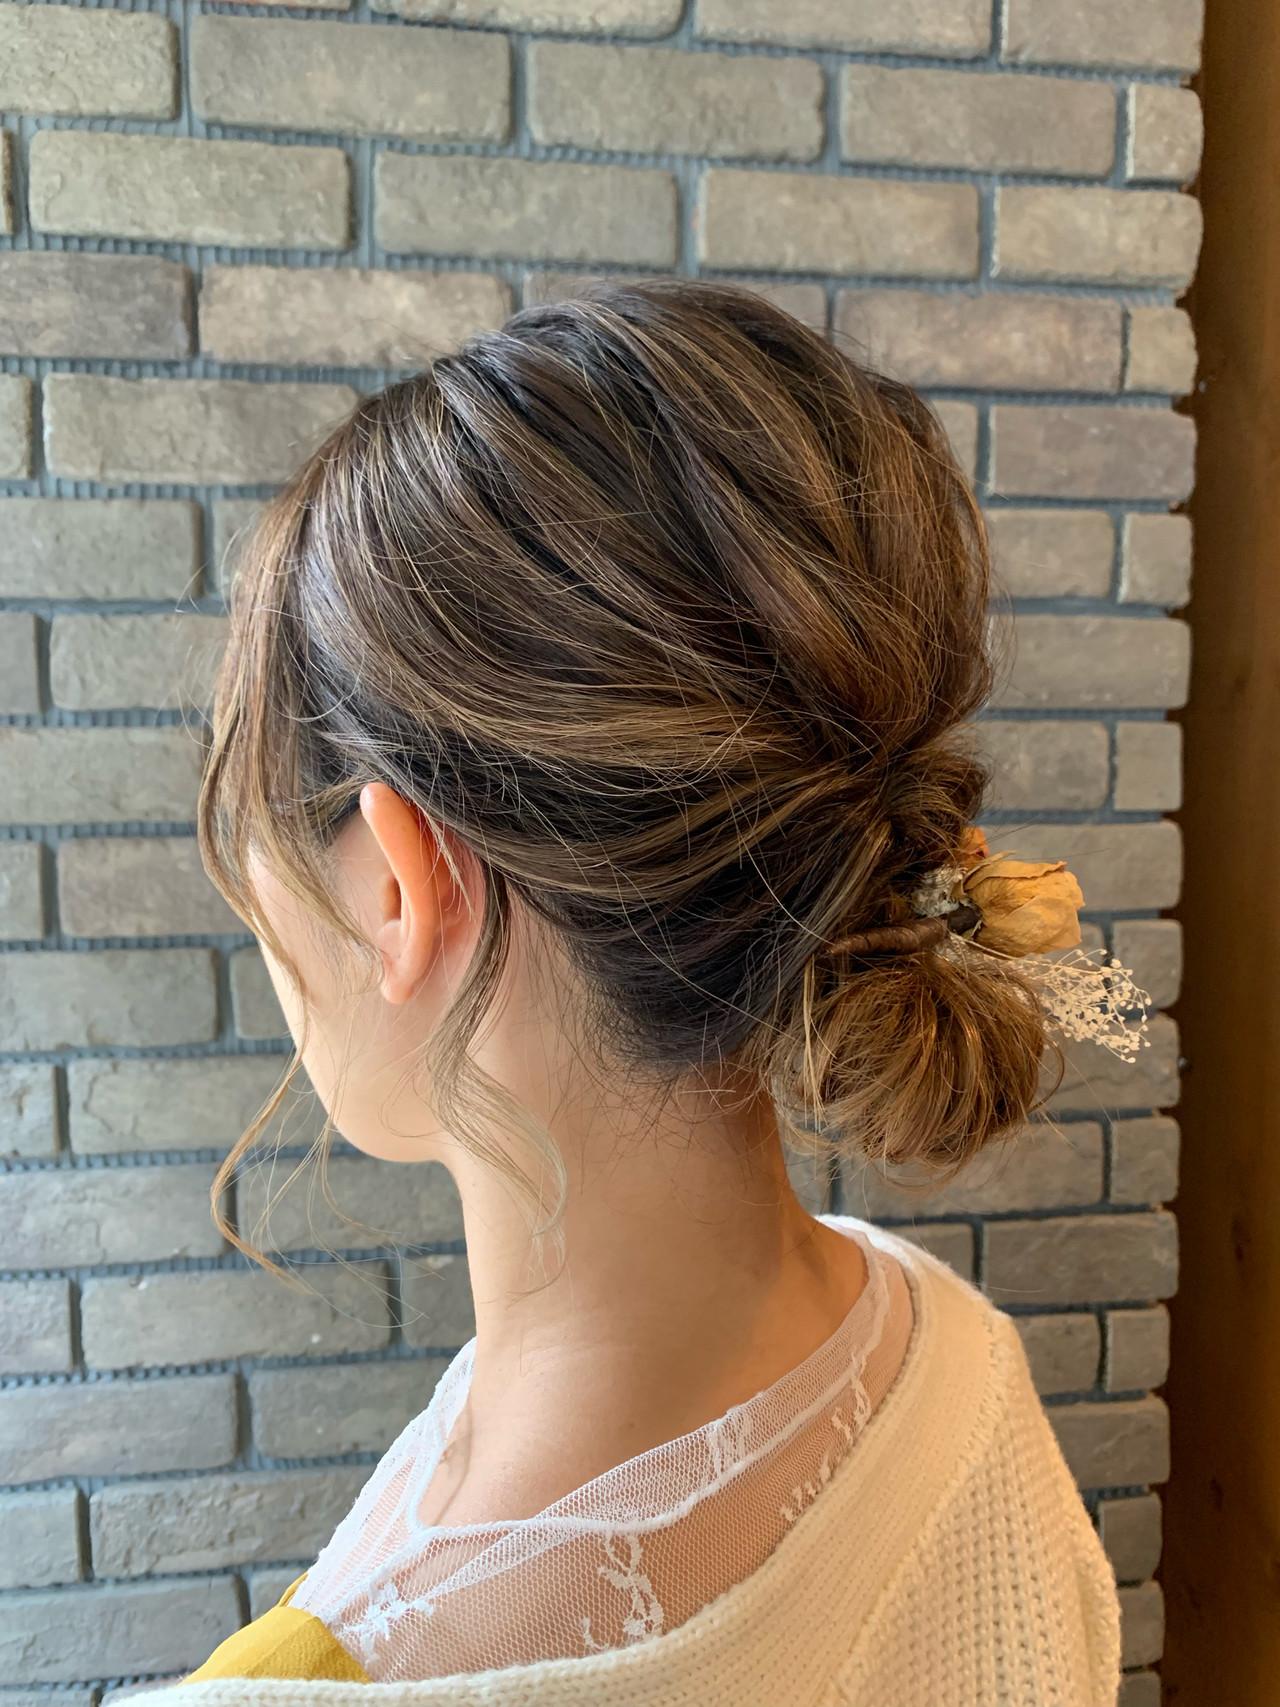 デート ヘアアレンジ 結婚式ヘアアレンジ フェミニン ヘアスタイルや髪型の写真・画像 | 谷川 健太 / ROVERSI